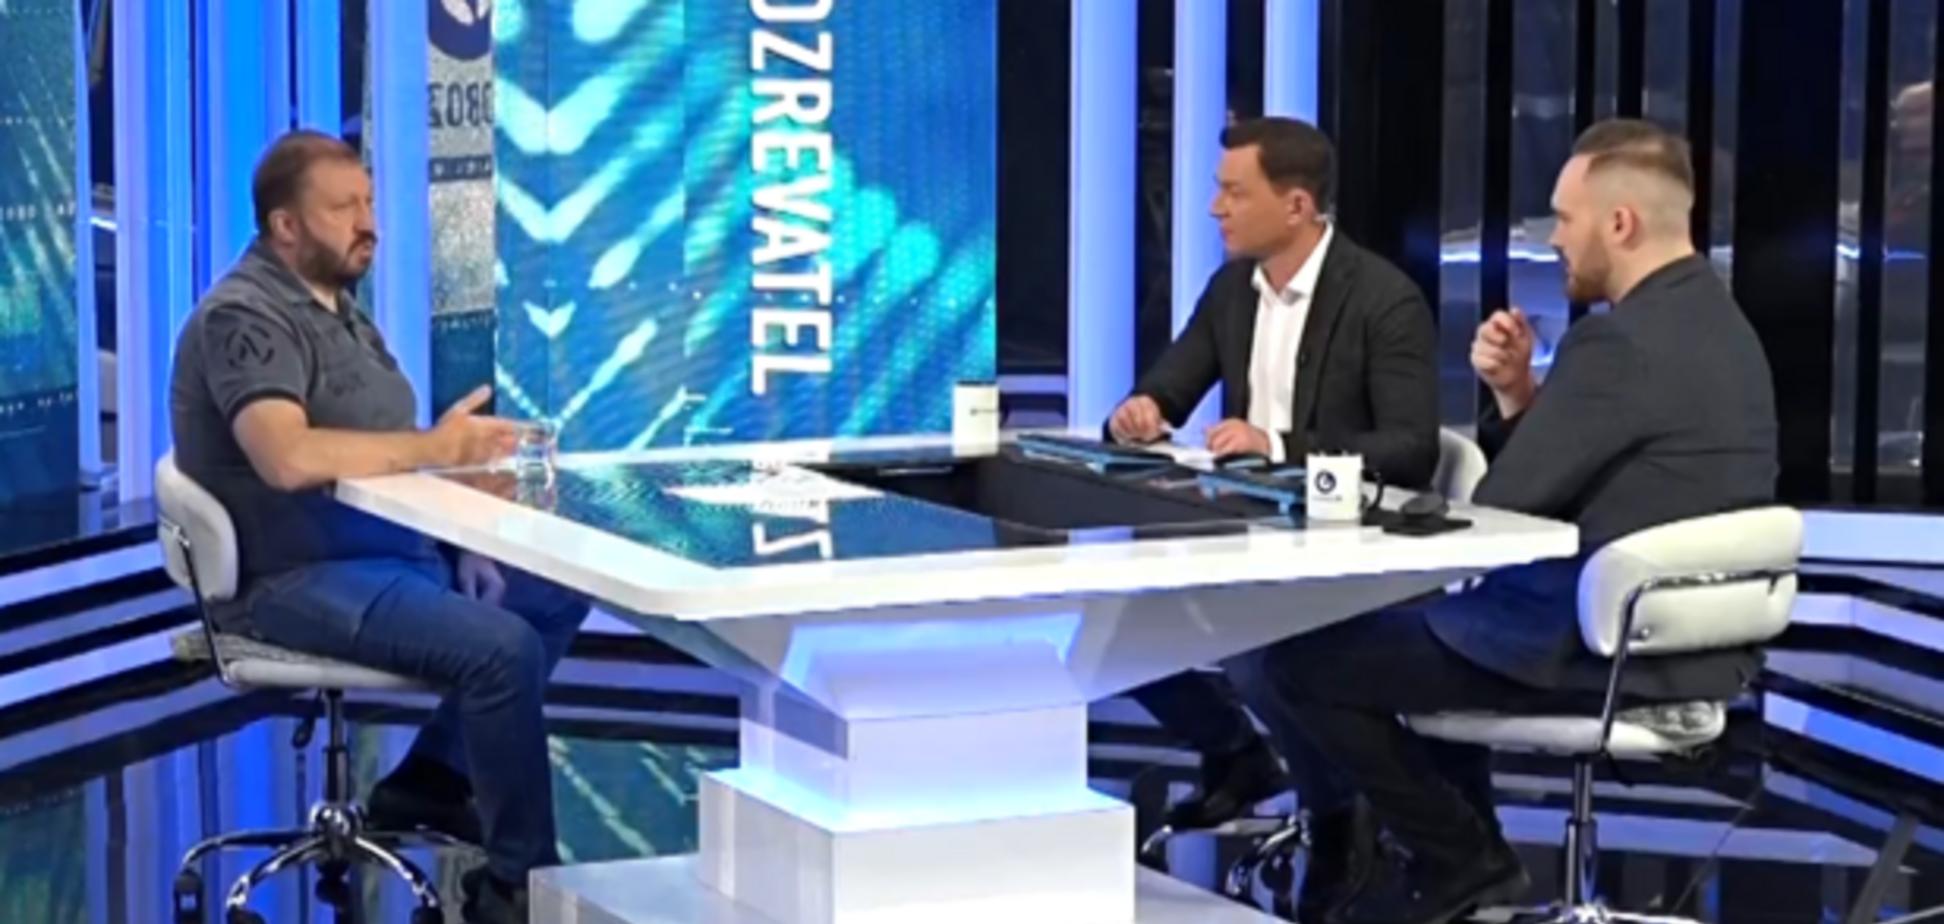 Хладнокровное решение: эксперт объяснил причины отъезда миссии МВФ из Украины